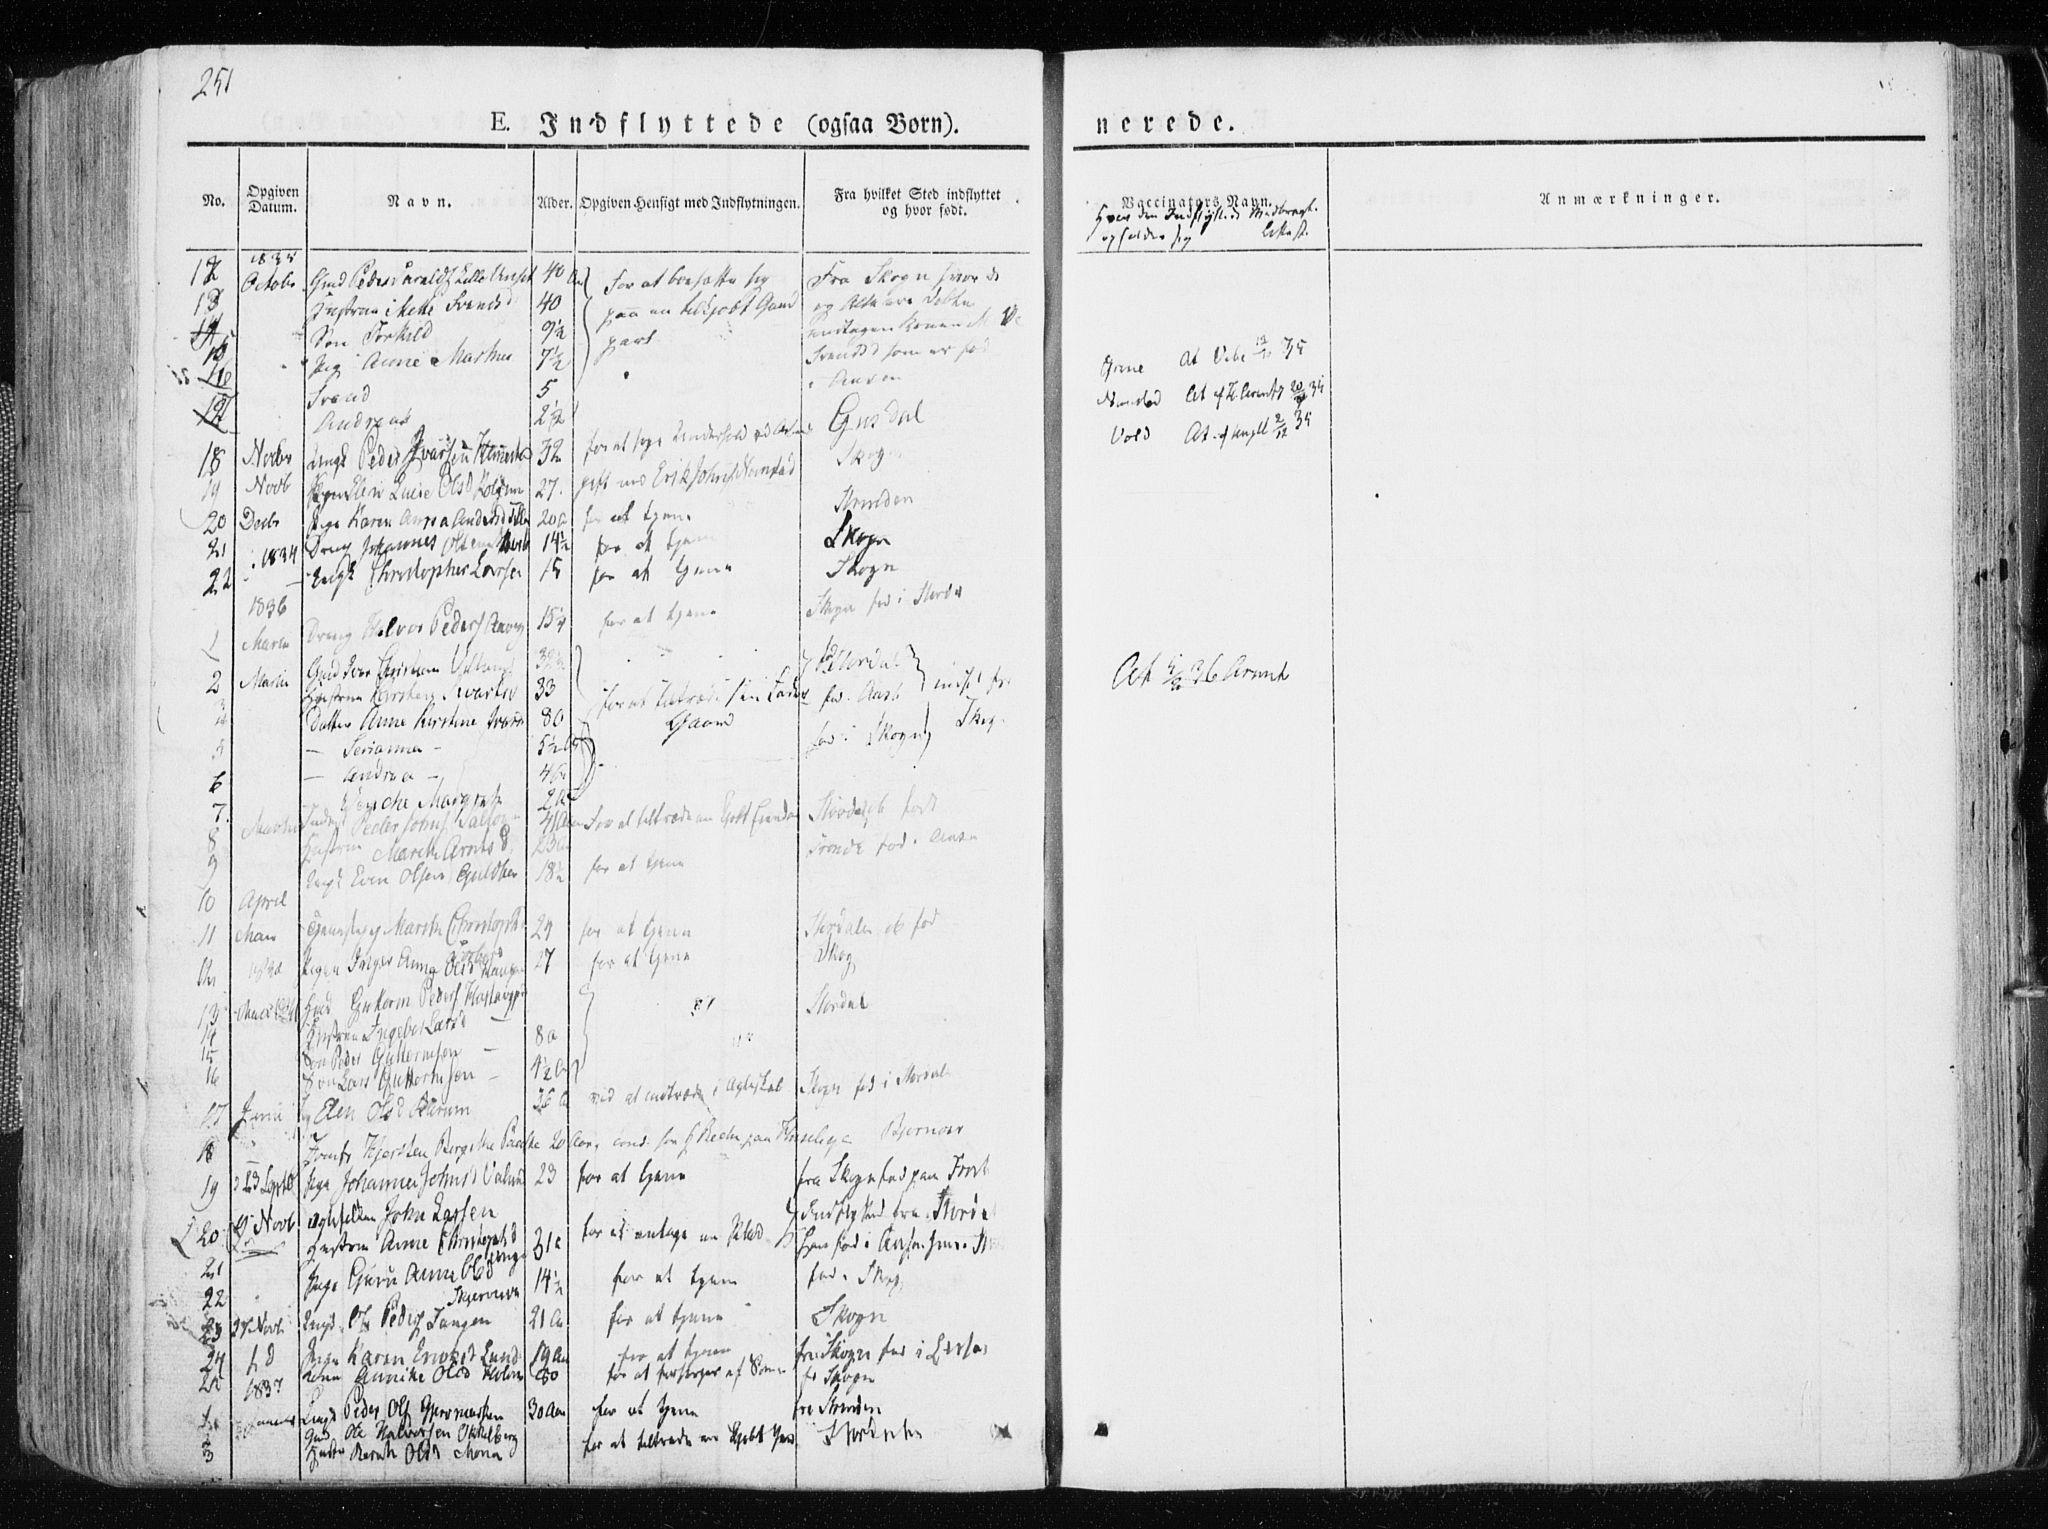 SAT, Ministerialprotokoller, klokkerbøker og fødselsregistre - Nord-Trøndelag, 713/L0114: Ministerialbok nr. 713A05, 1827-1839, s. 251